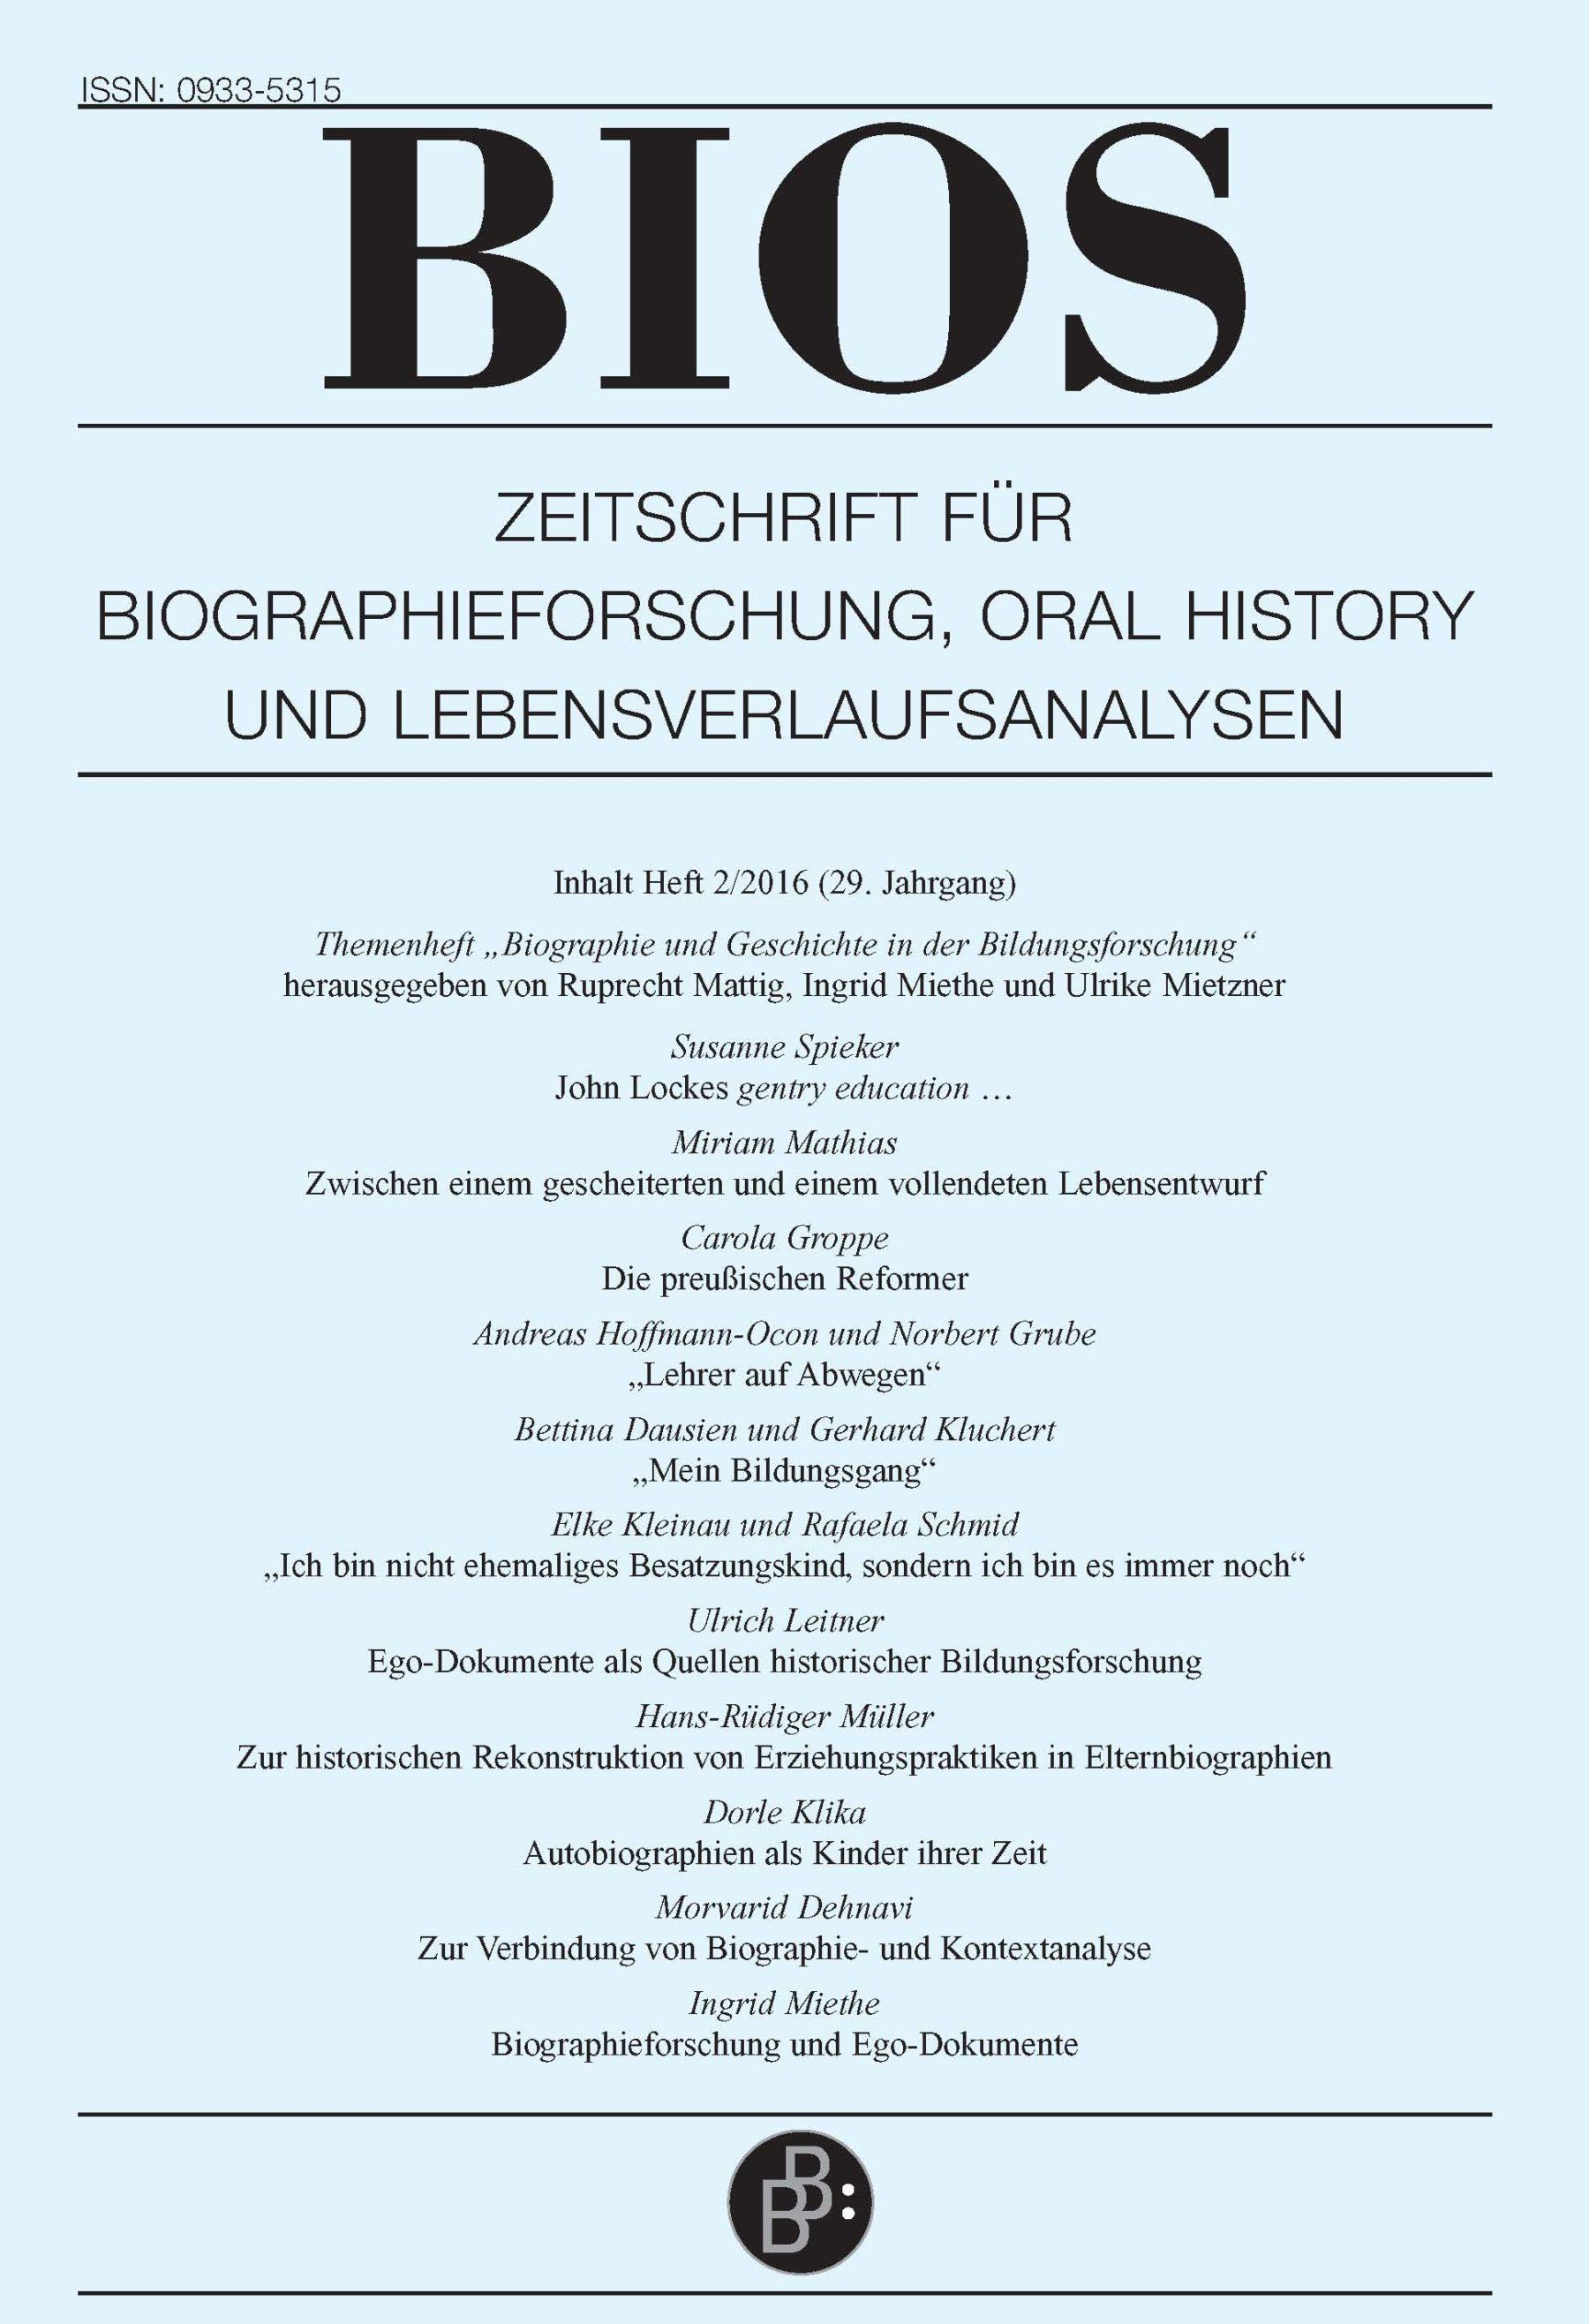 BIOS 2-2016 | Biographie und Geschichte in der Bildungsforschung